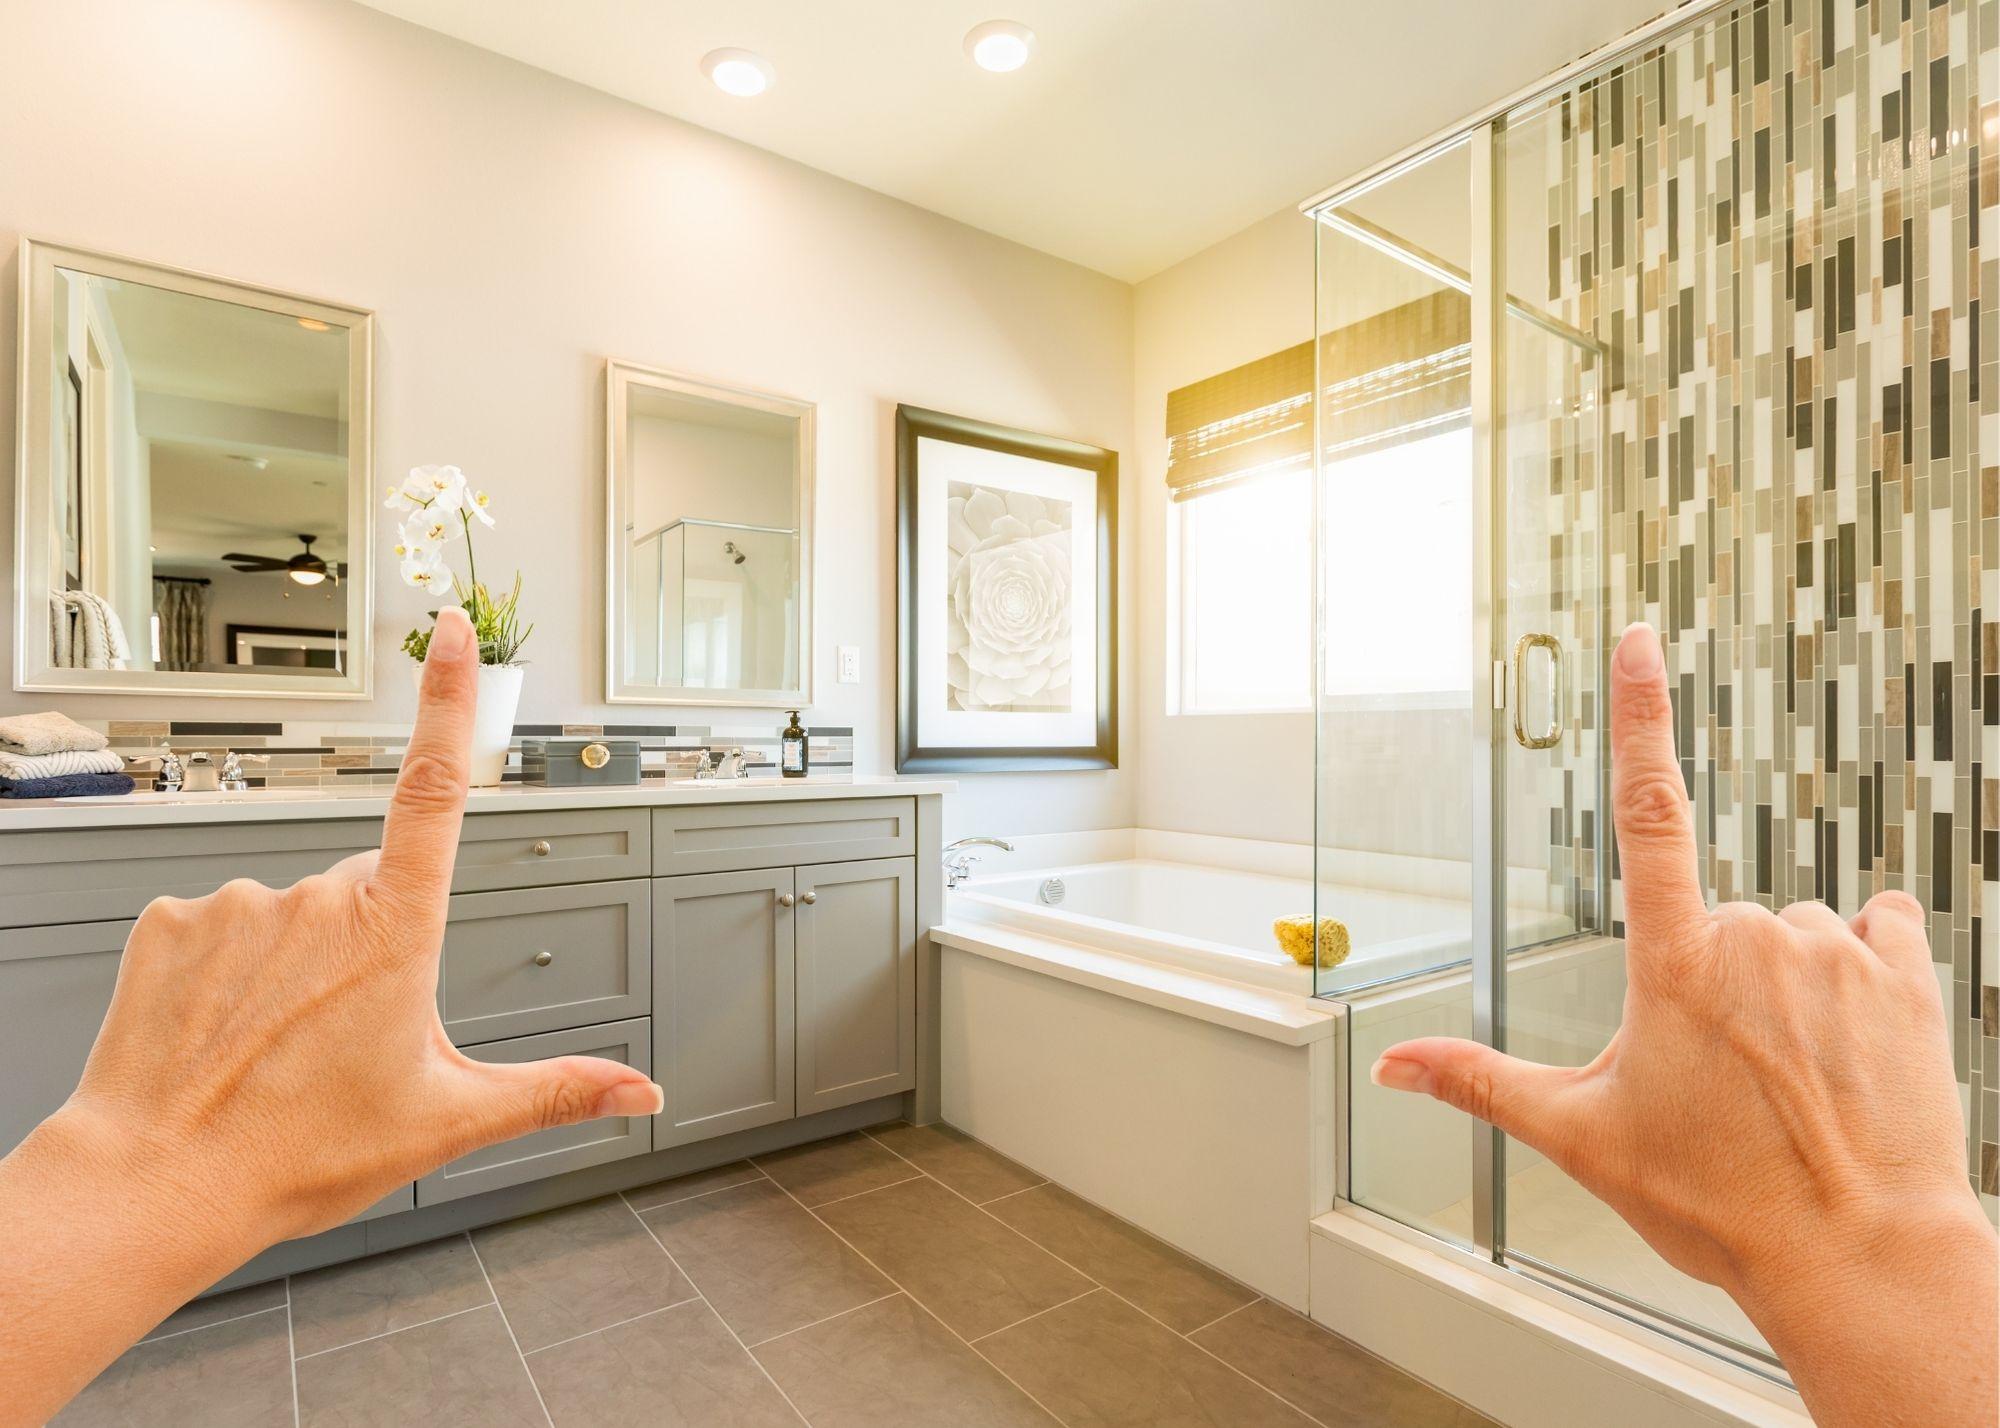 bathroom-remodeling-contractor-toledo-oh